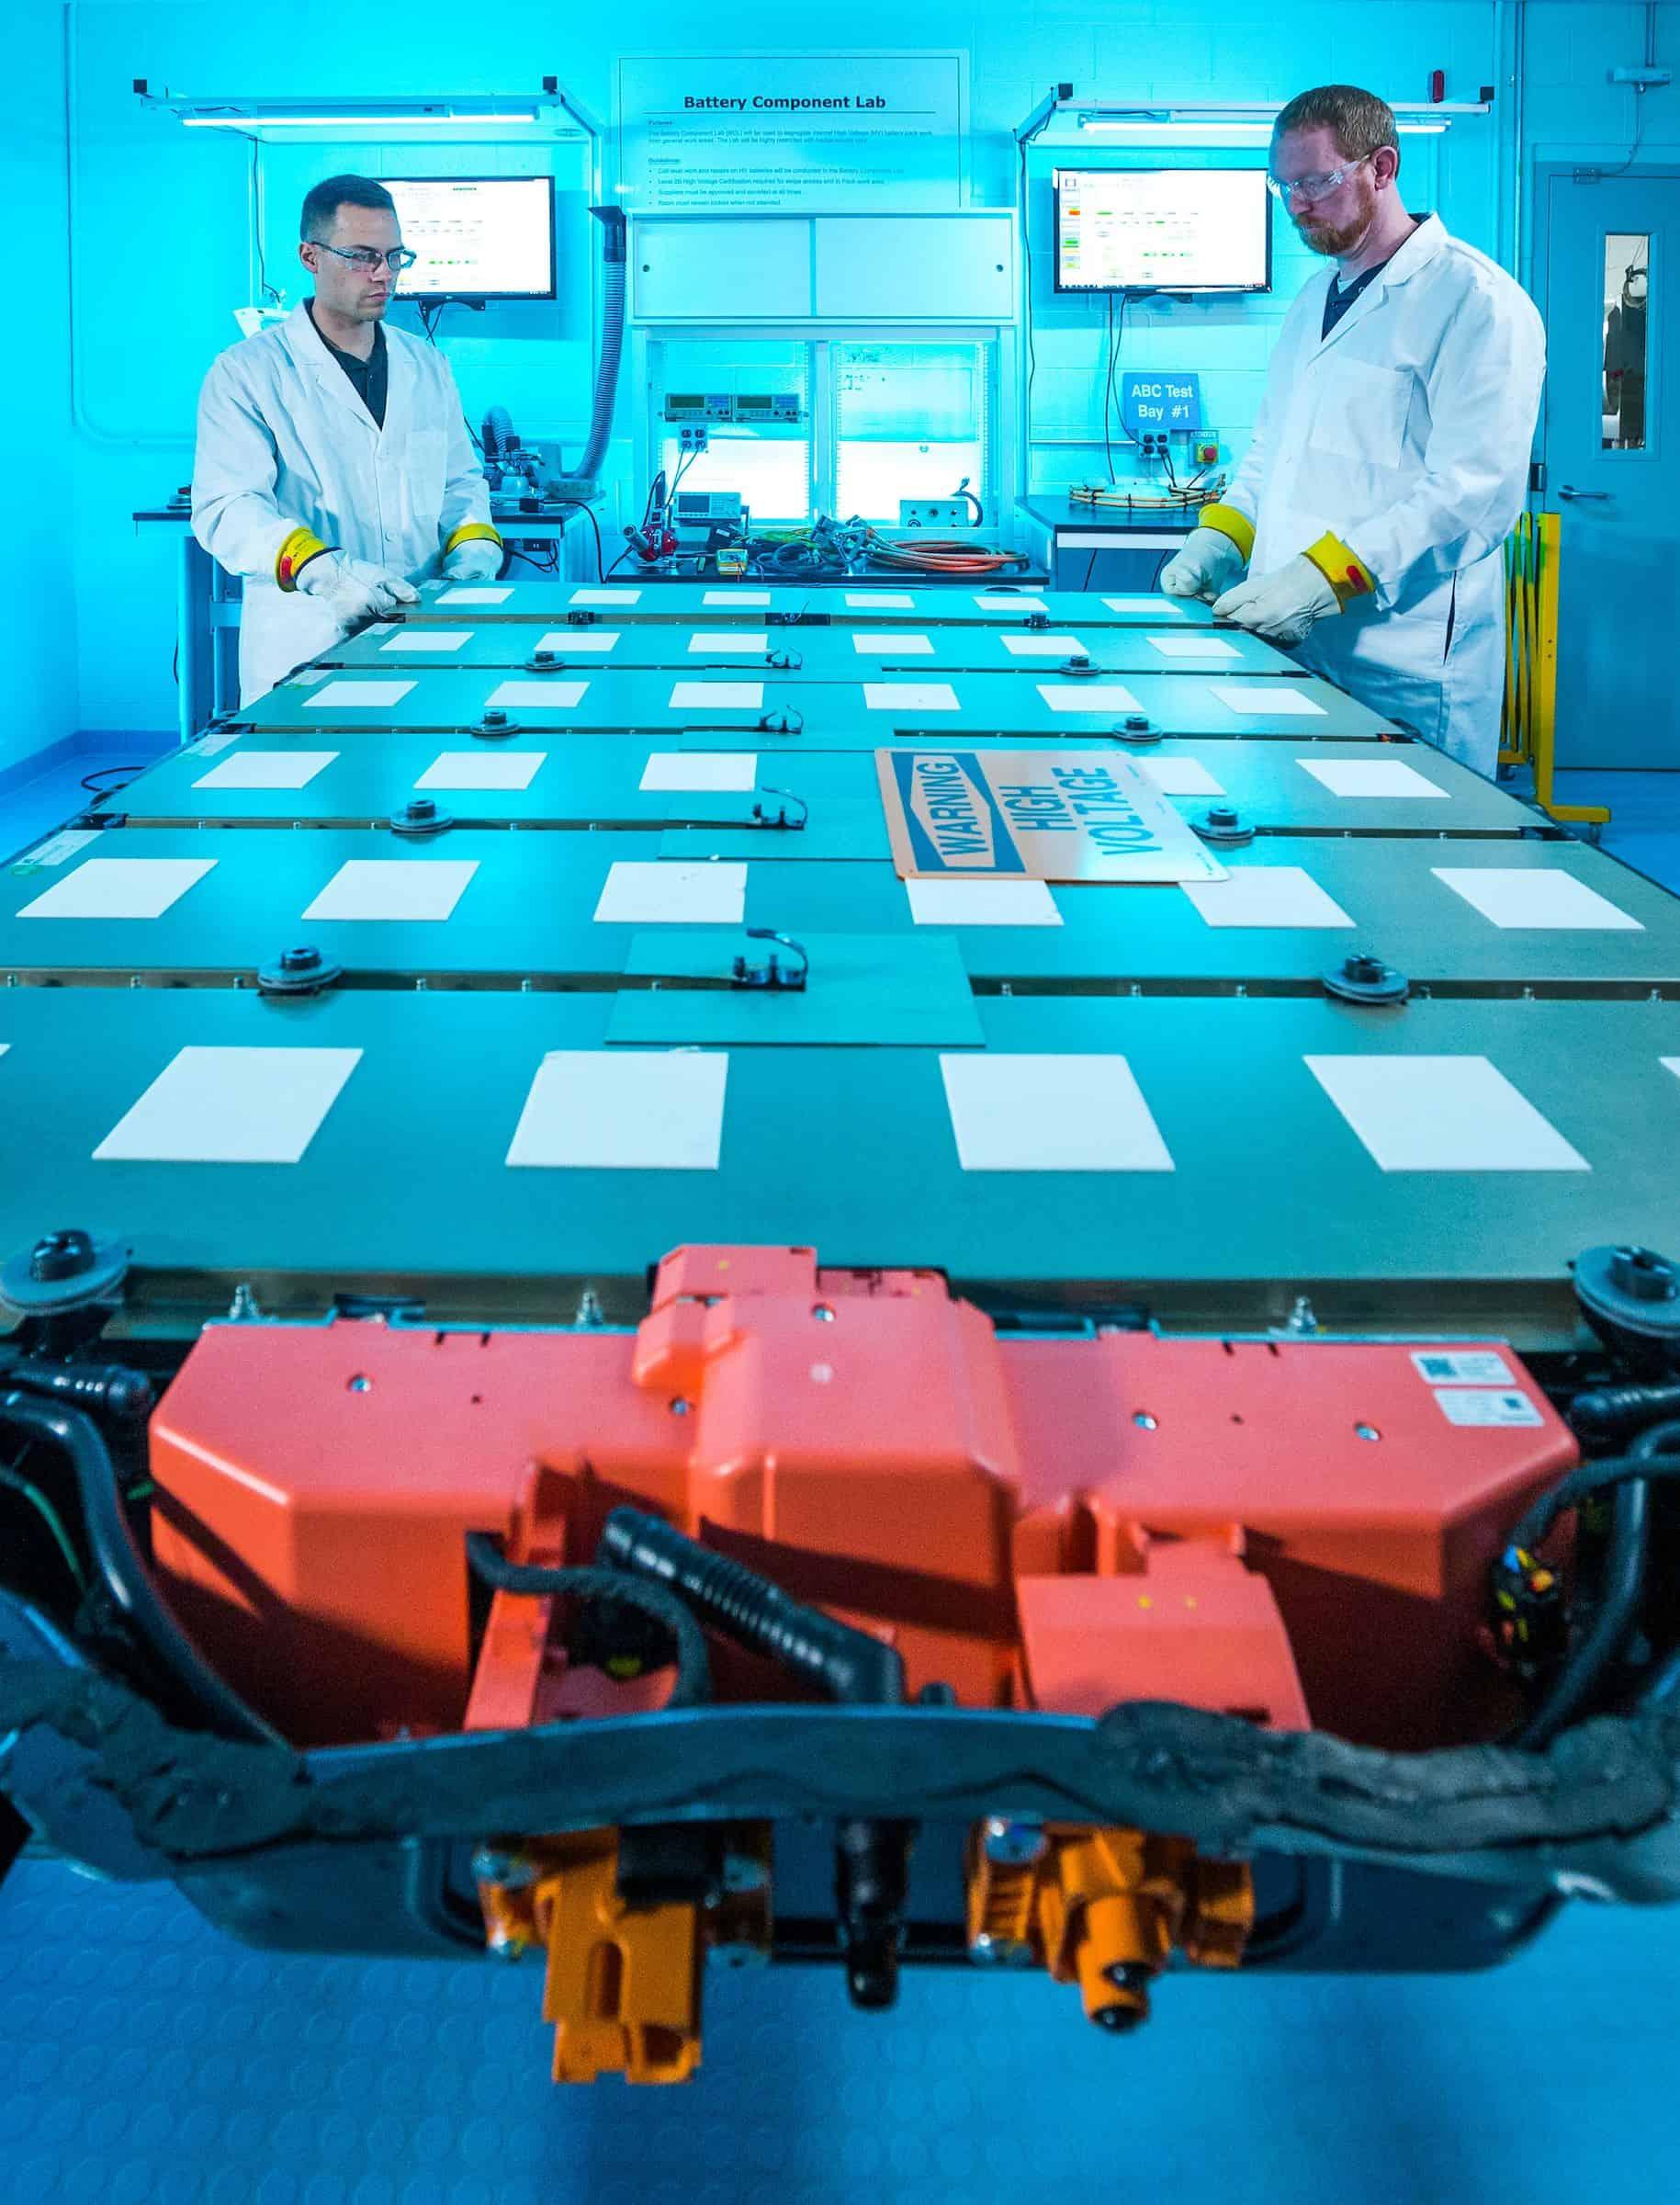 General Motors introduceert het eerste draadloze batterijbeheersysteem in de branche